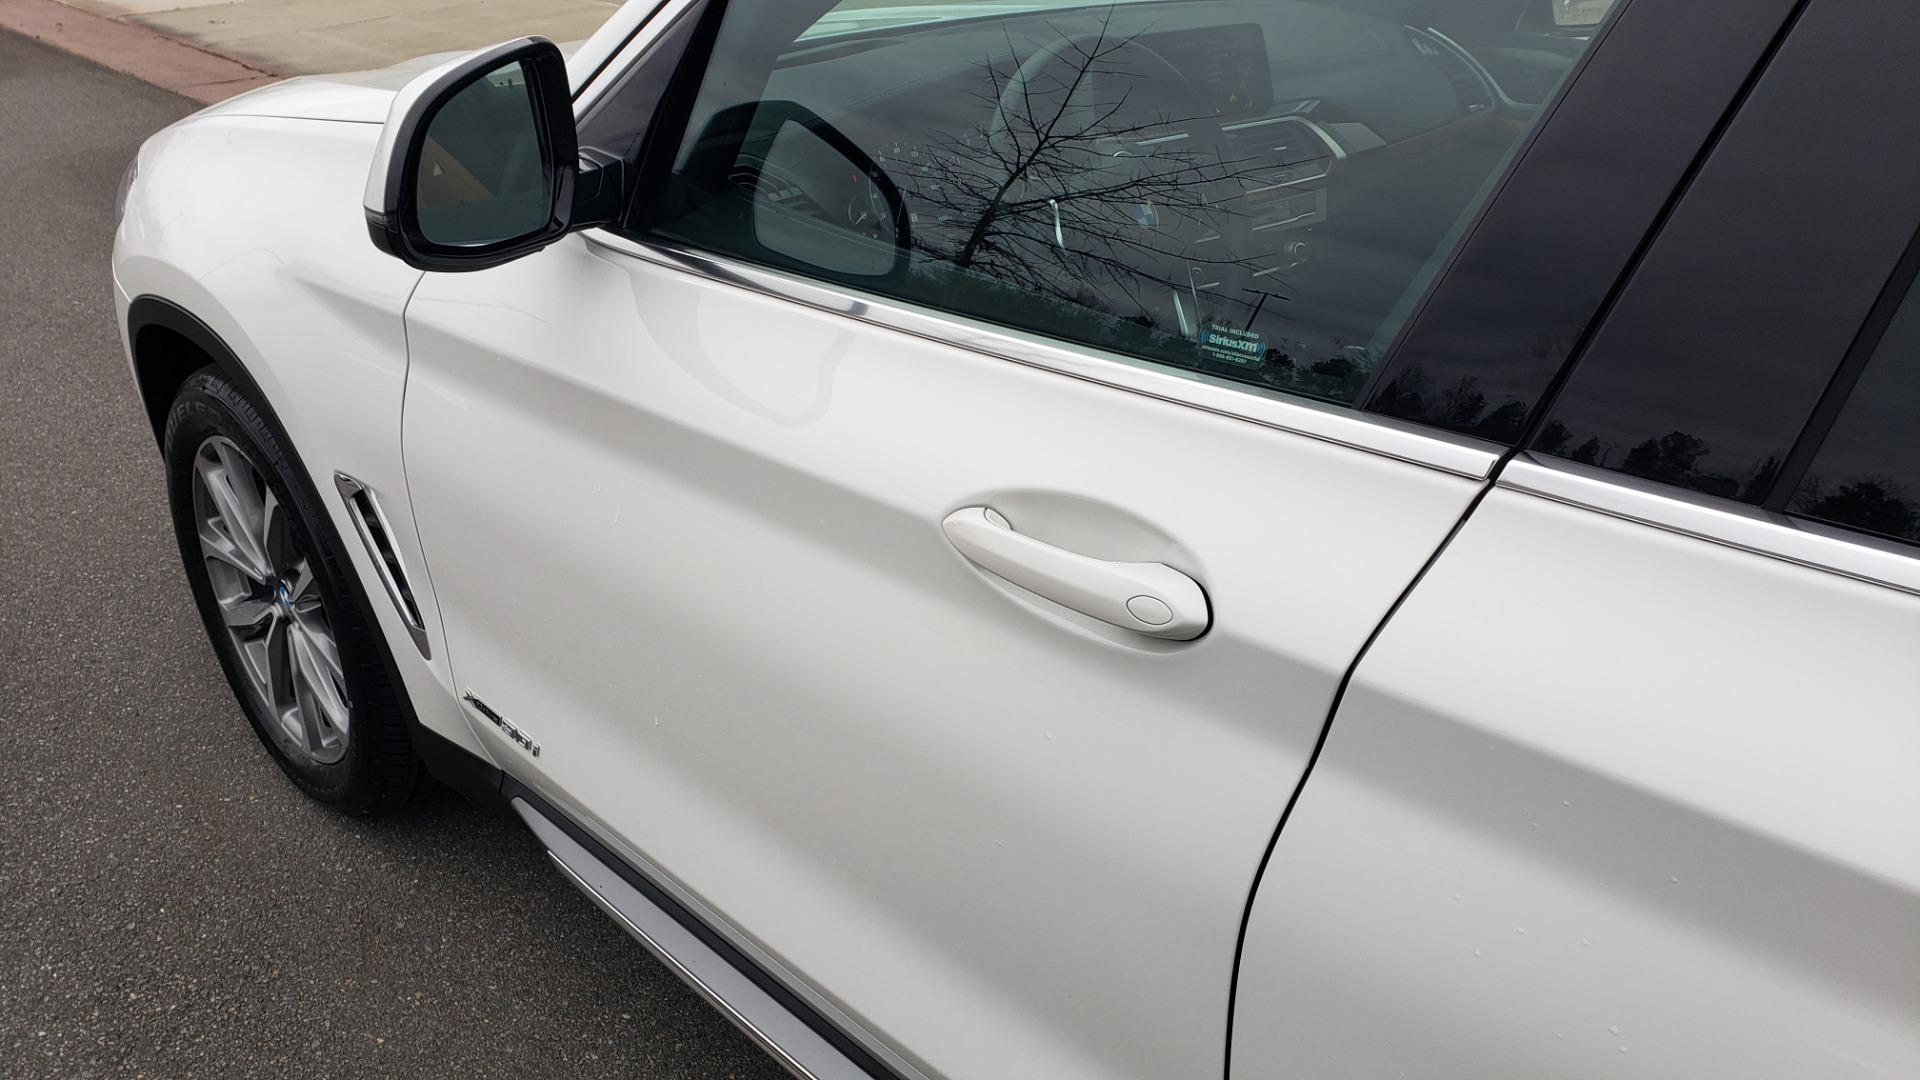 Used 2018 BMW X3 XDRIVE30I / LUX PKG / PREM PKG / CONV PKG / PDC / APPLE CARPLAY for sale Sold at Formula Imports in Charlotte NC 28227 9